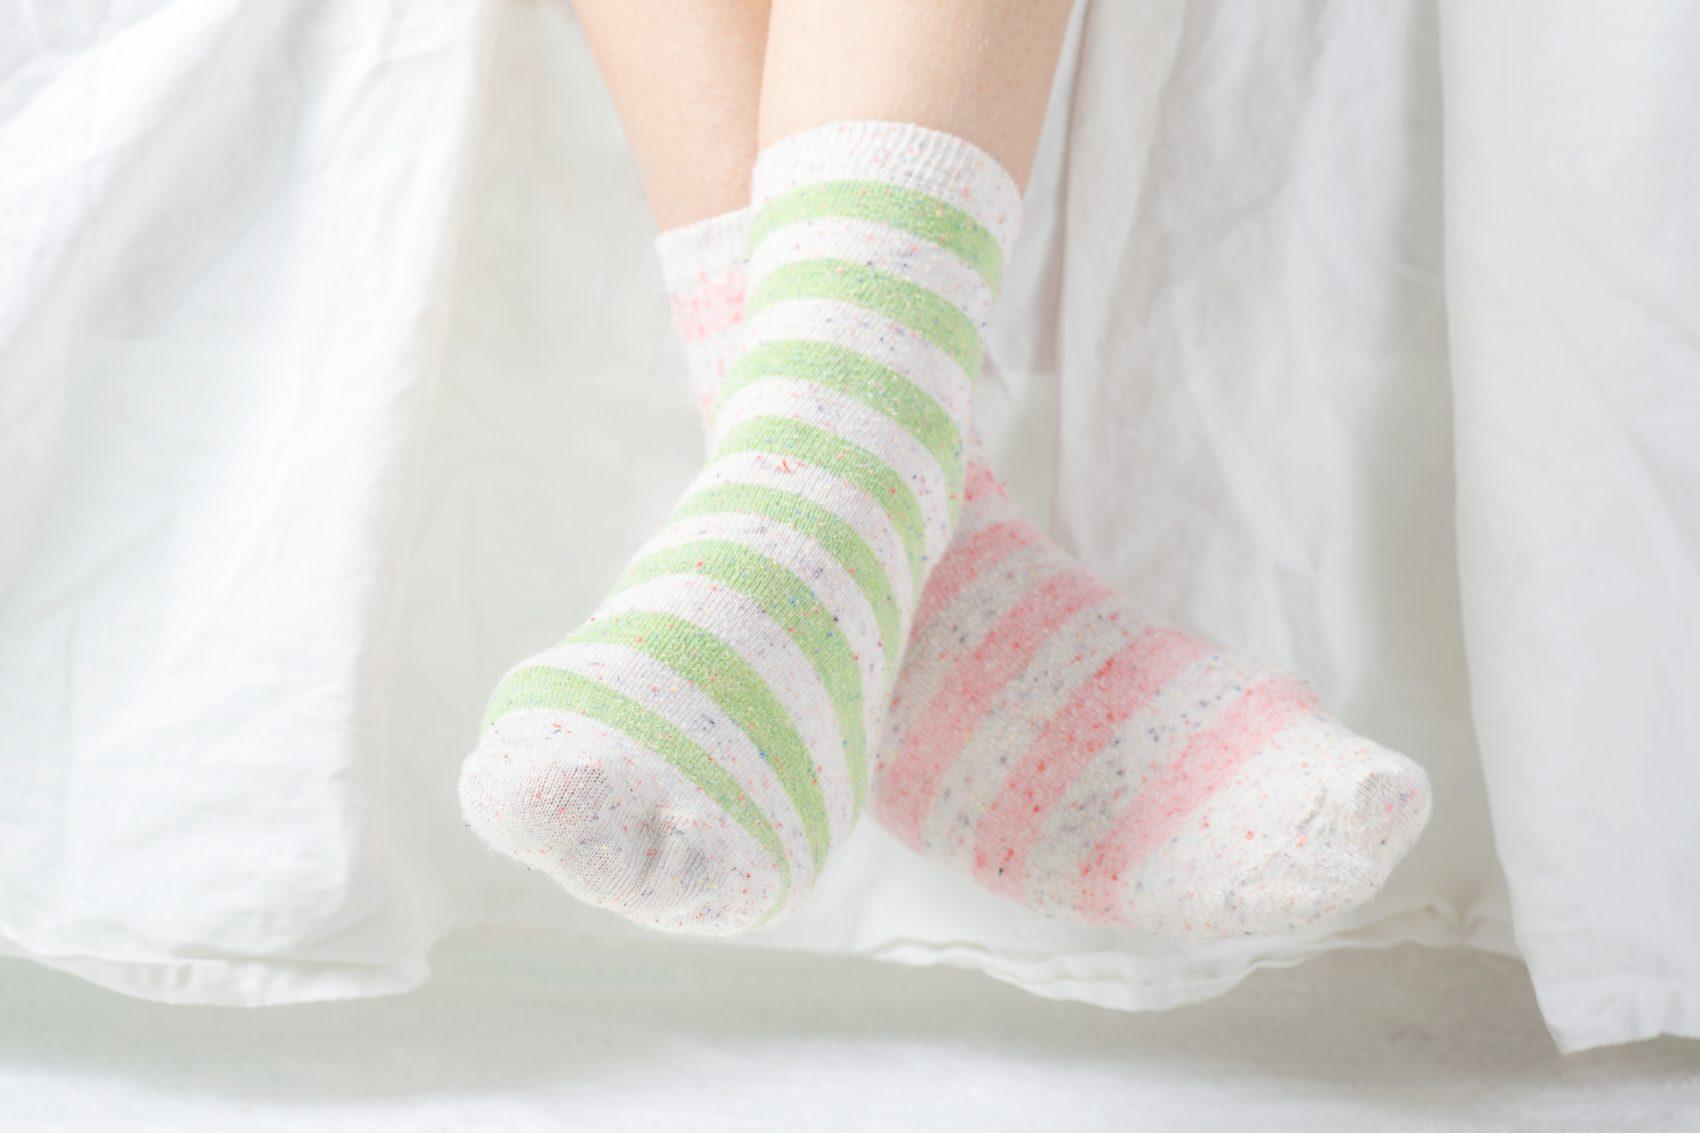 lavoretti coi calzini spaiati